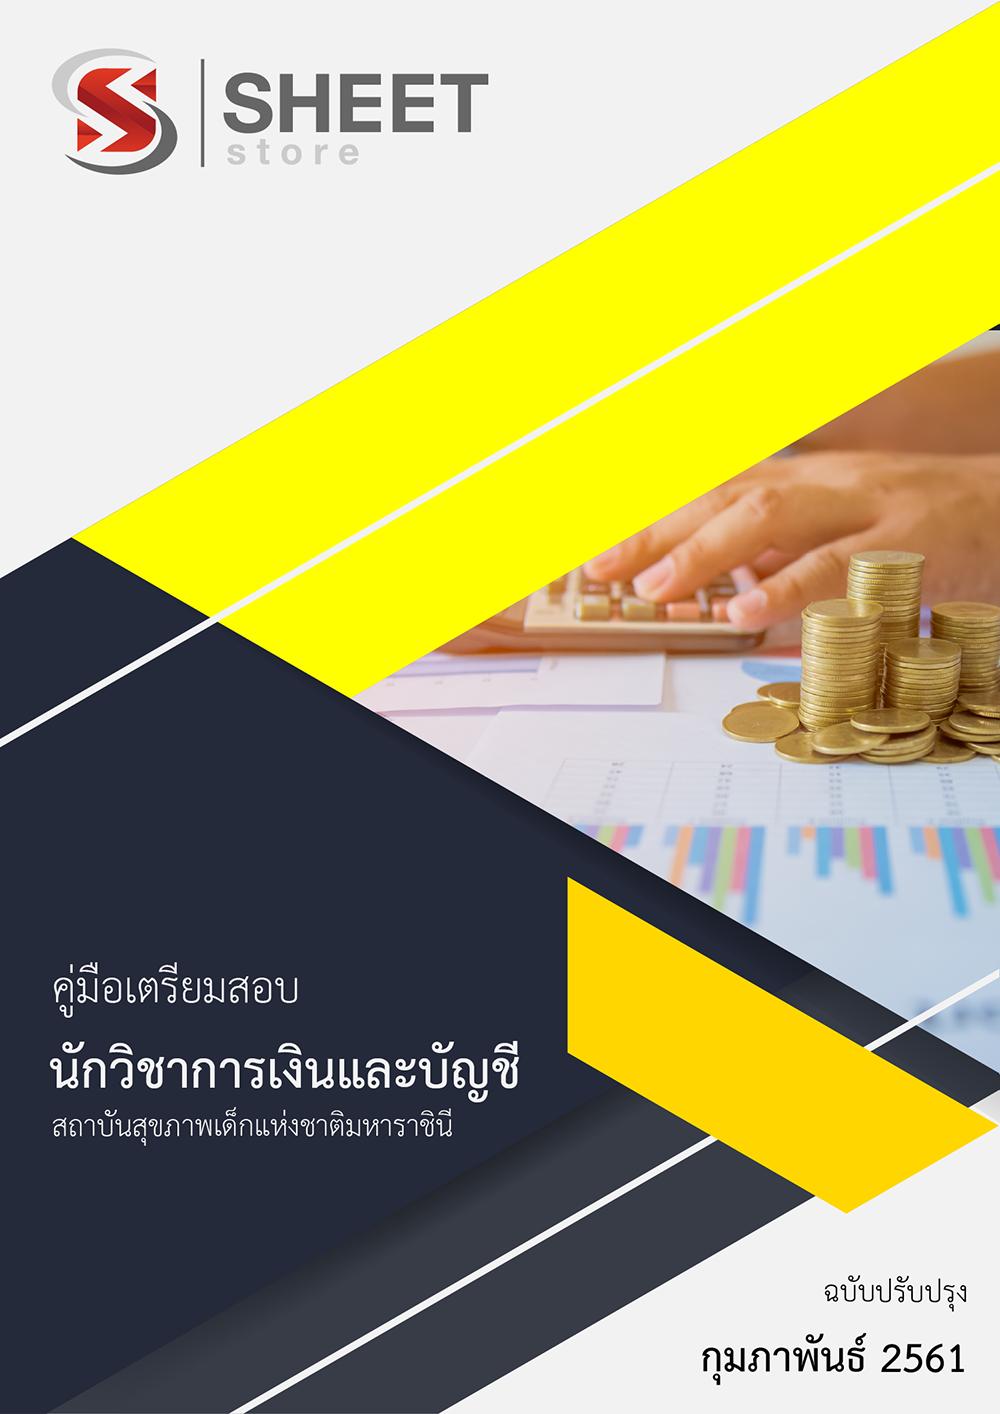 แนวข้อสอบ นักวิชาการเงินและบัญชี สถาบันสุขภาพเด็กแห่งชาติมหาราชินี (พร้อมเฉลย)